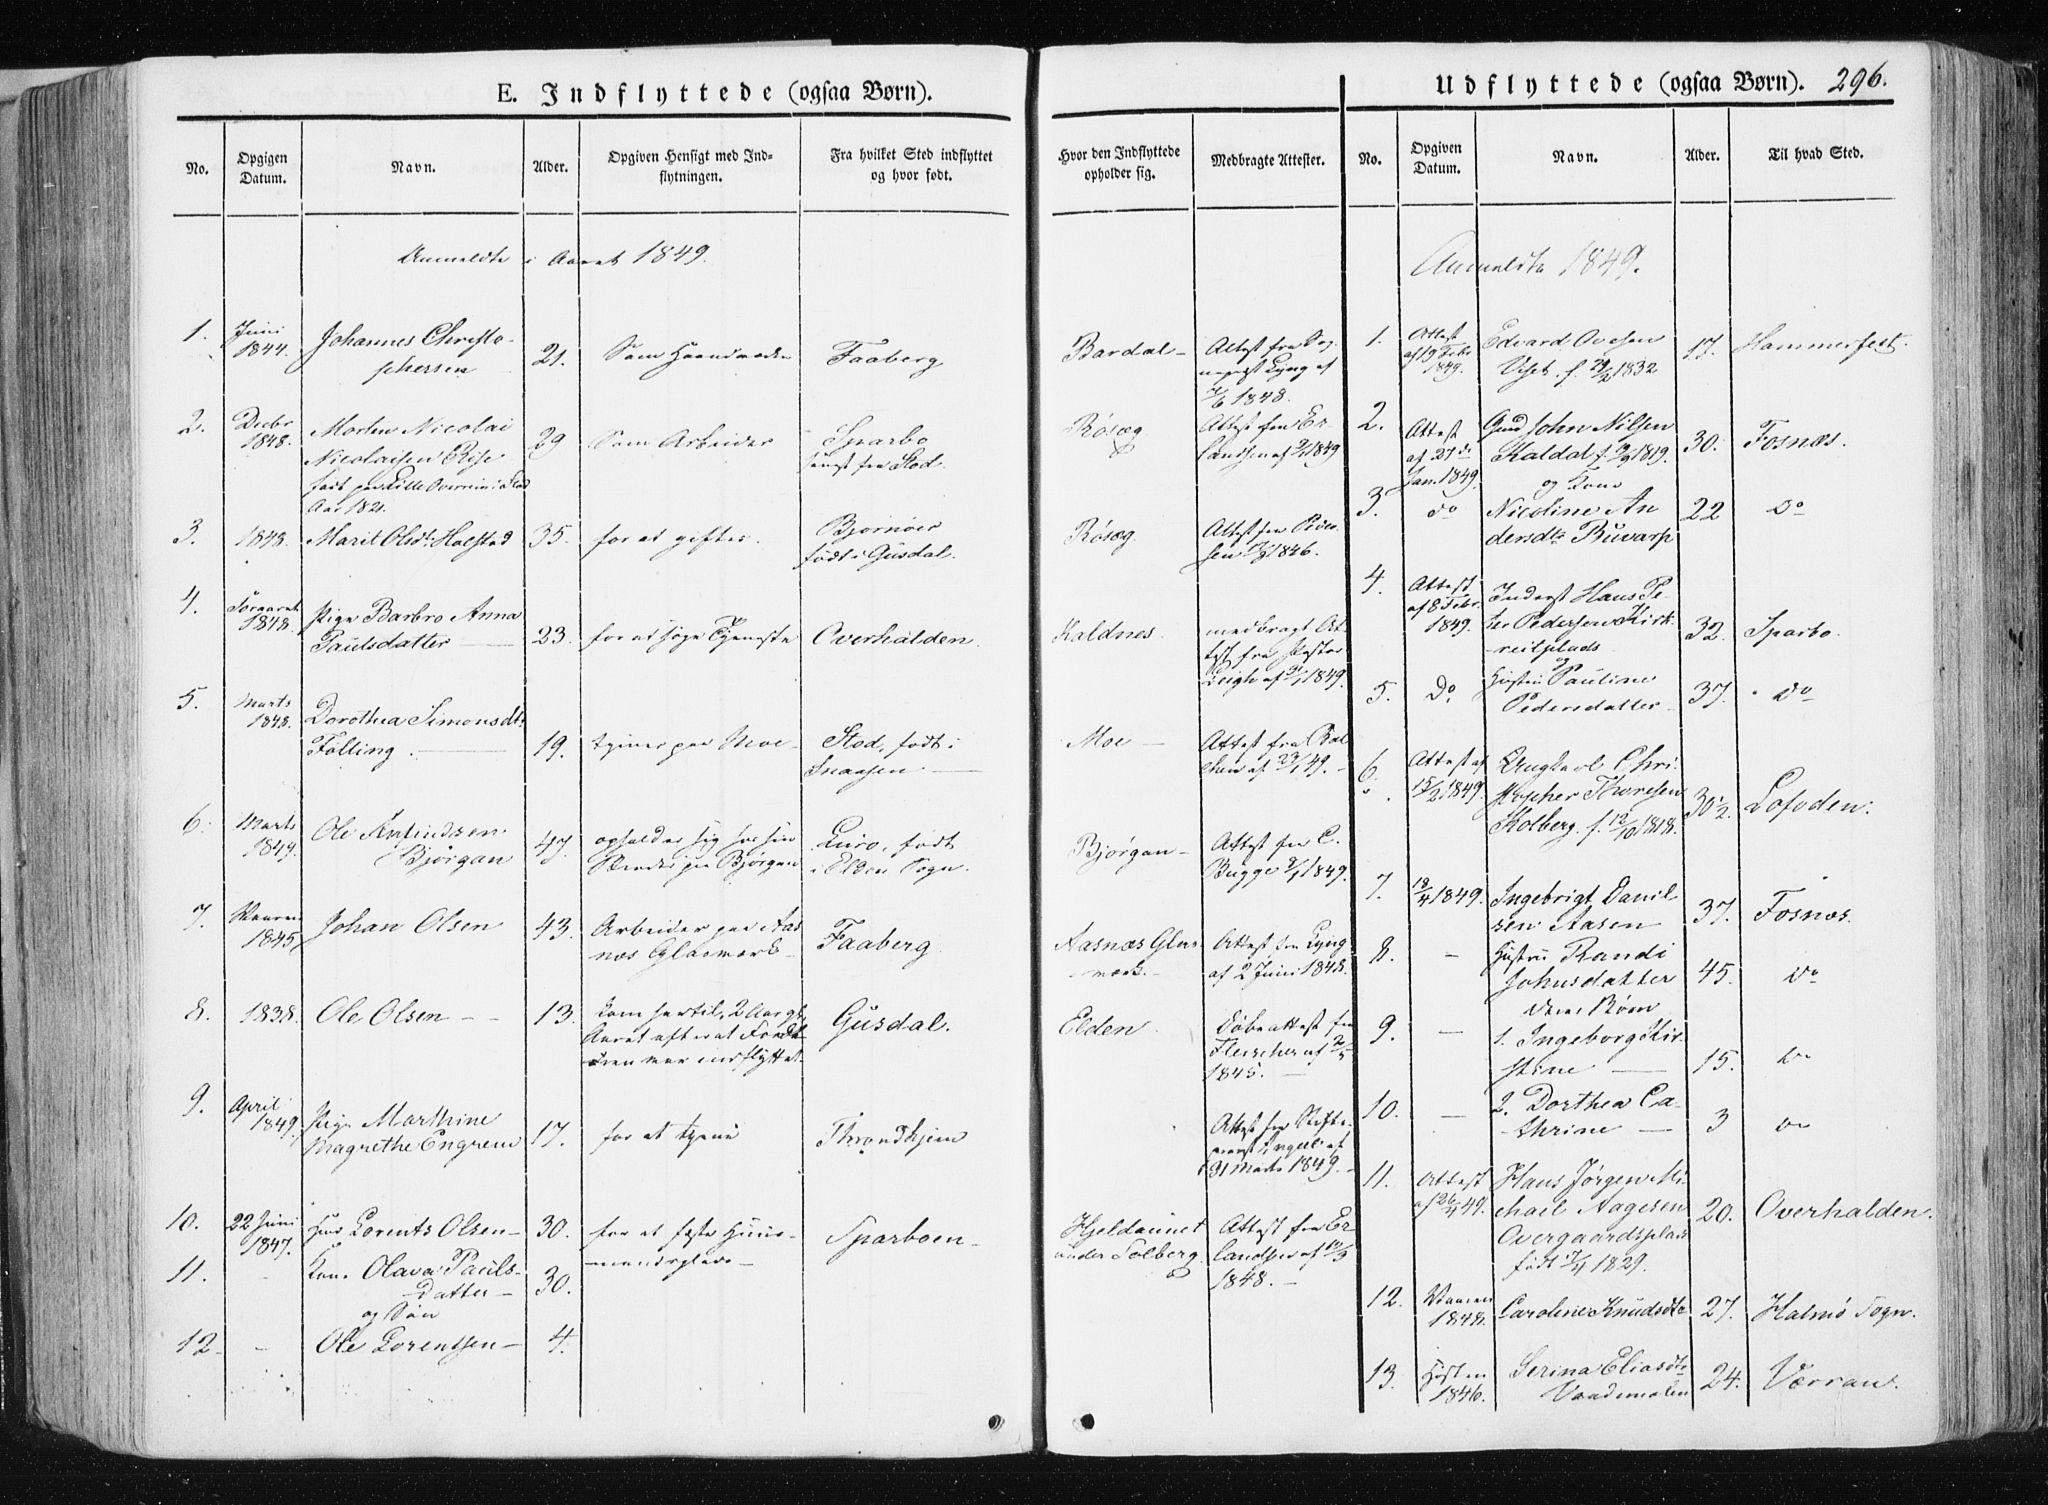 SAT, Ministerialprotokoller, klokkerbøker og fødselsregistre - Nord-Trøndelag, 741/L0393: Ministerialbok nr. 741A07, 1849-1863, s. 296